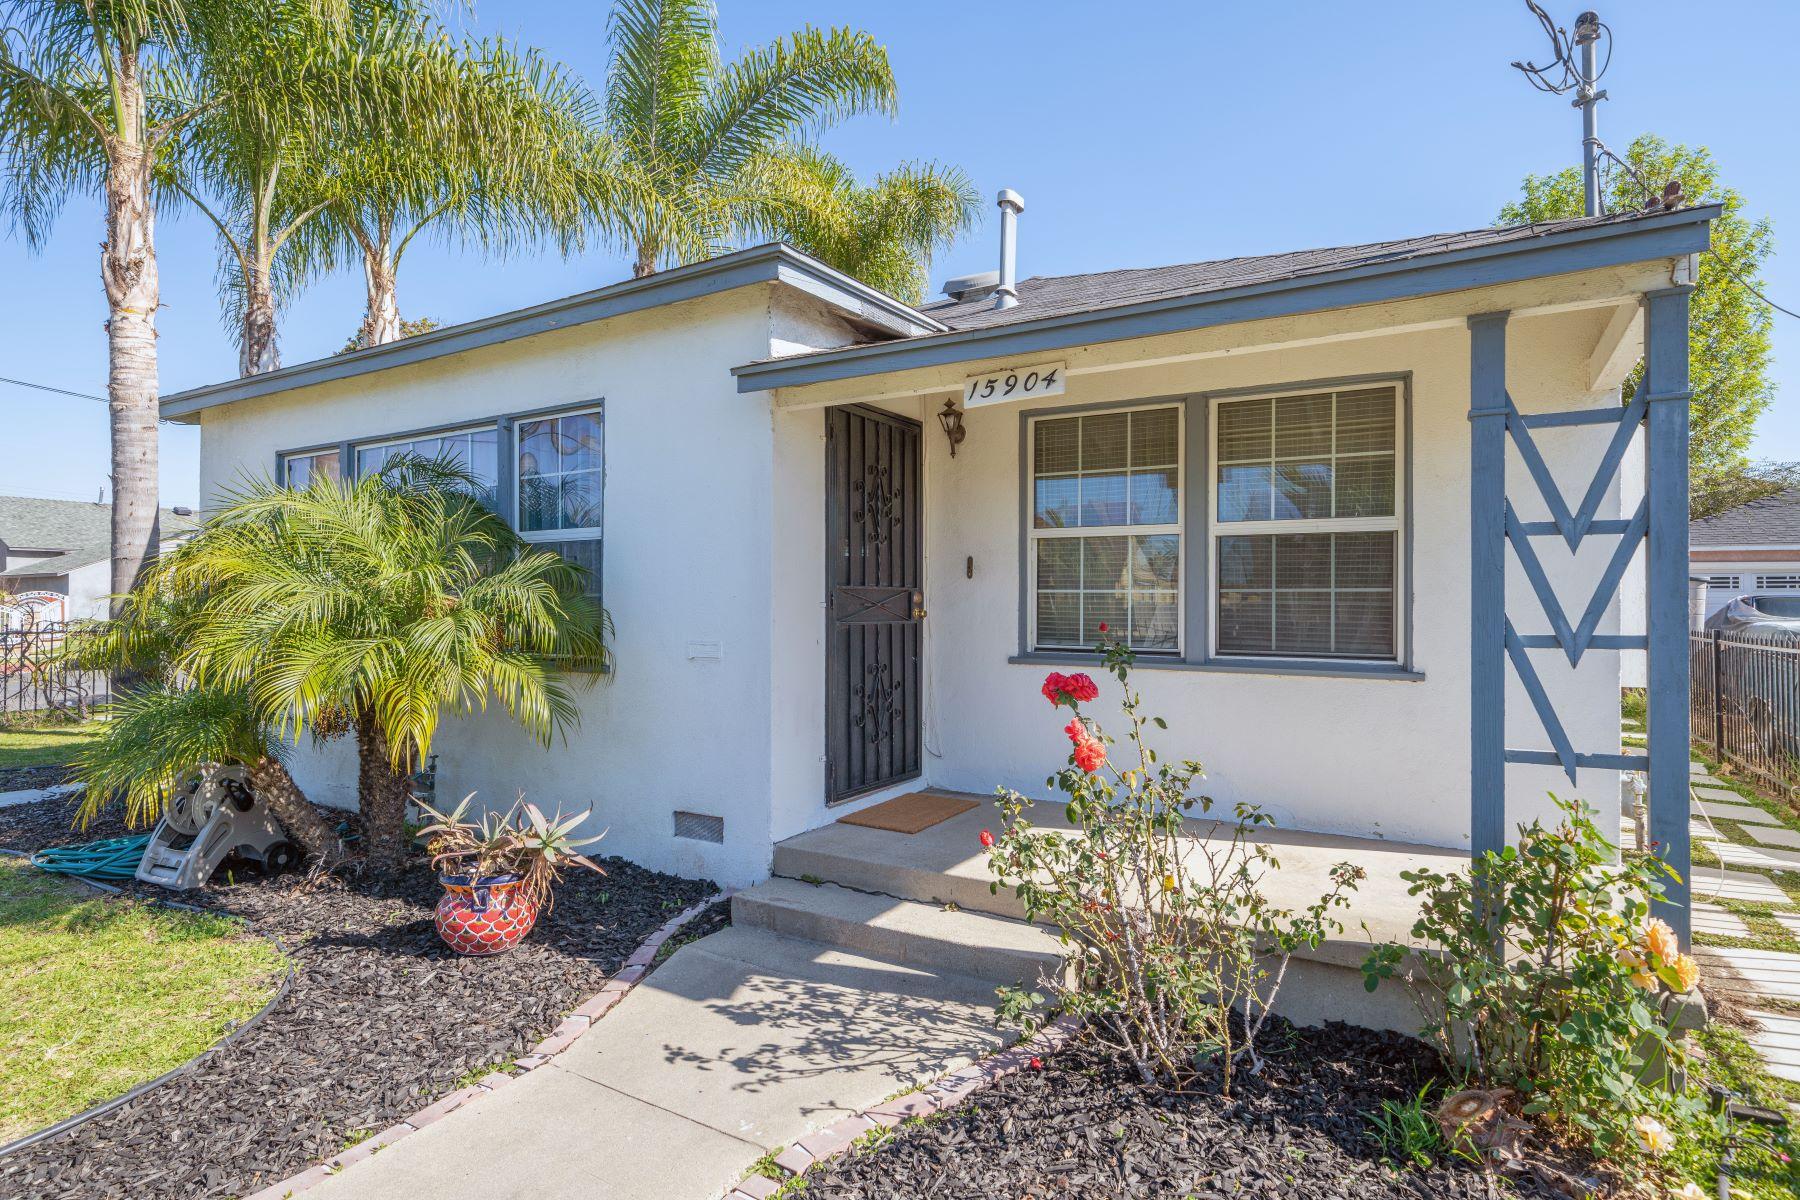 Single Family Homes para Venda às 15904 South Menlo Avenue, Gardena, CA 90247 Gardena, Califórnia 90247 Estados Unidos